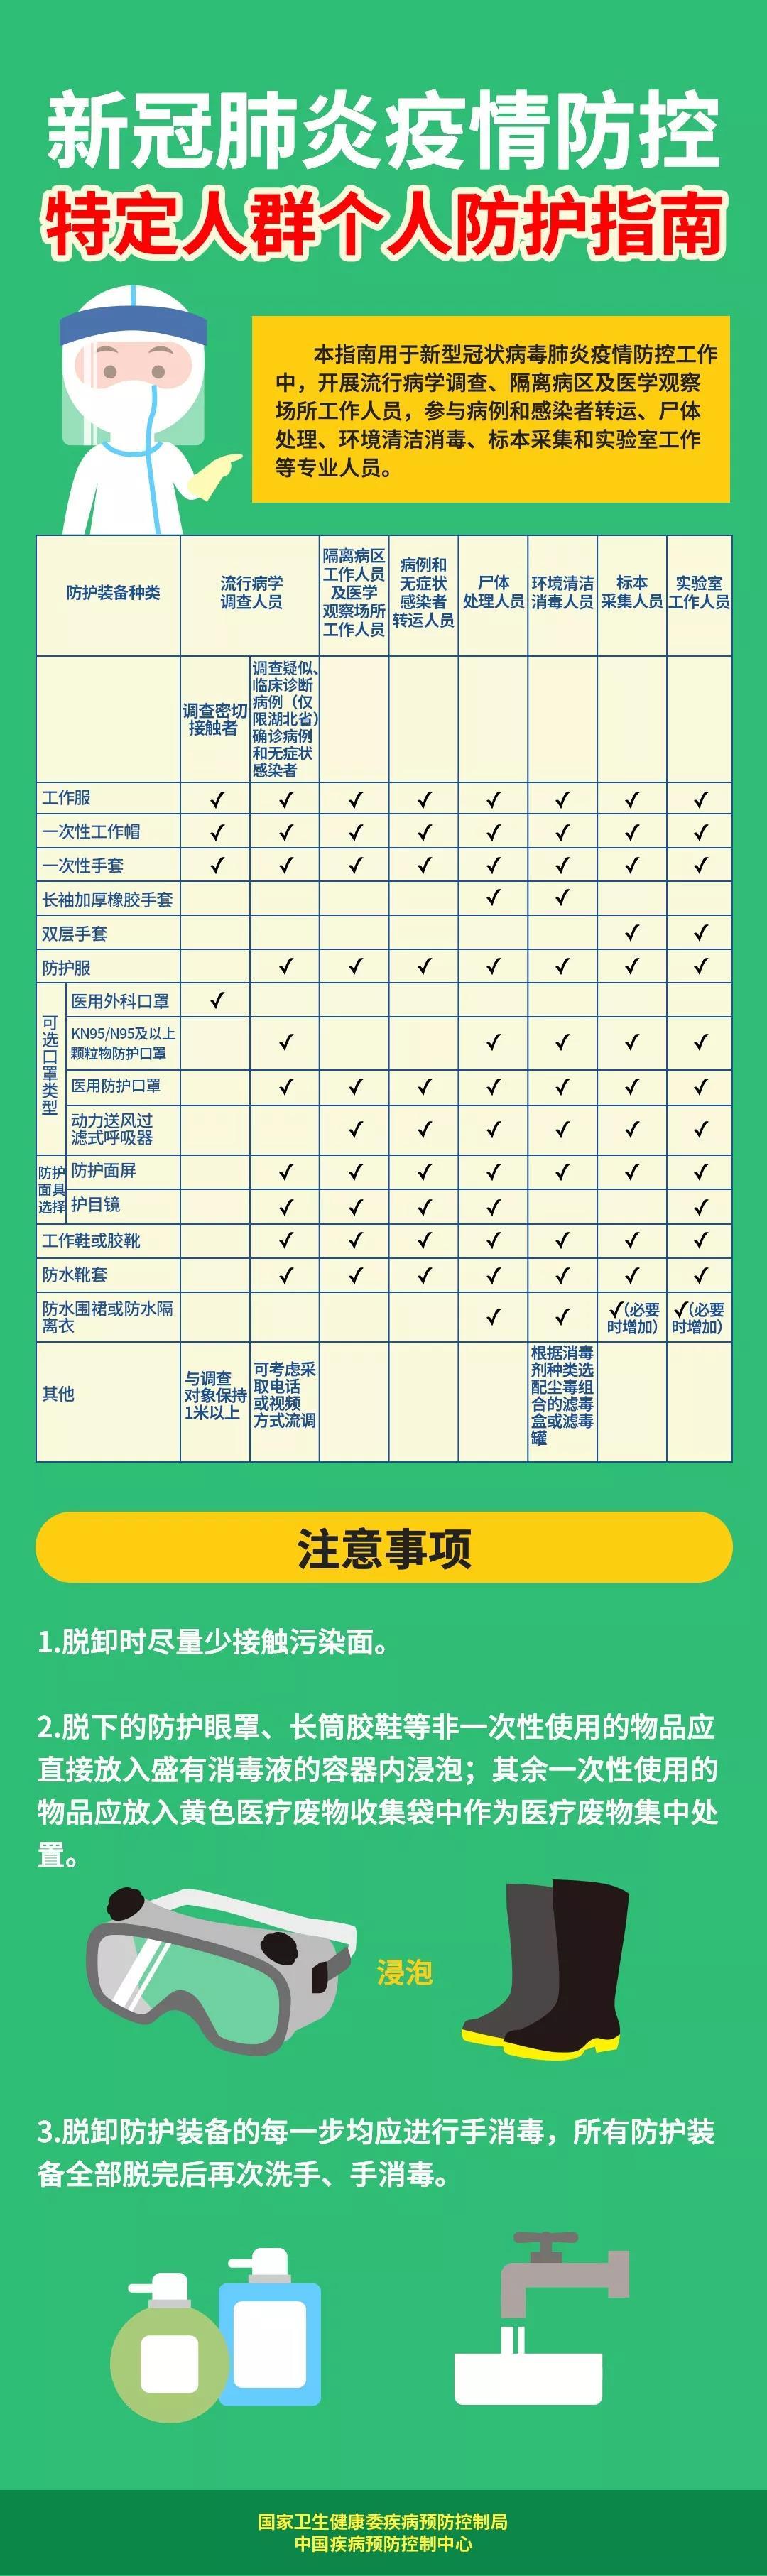 新冠肺炎疫情防控 特定人群个人防护指南.jpg